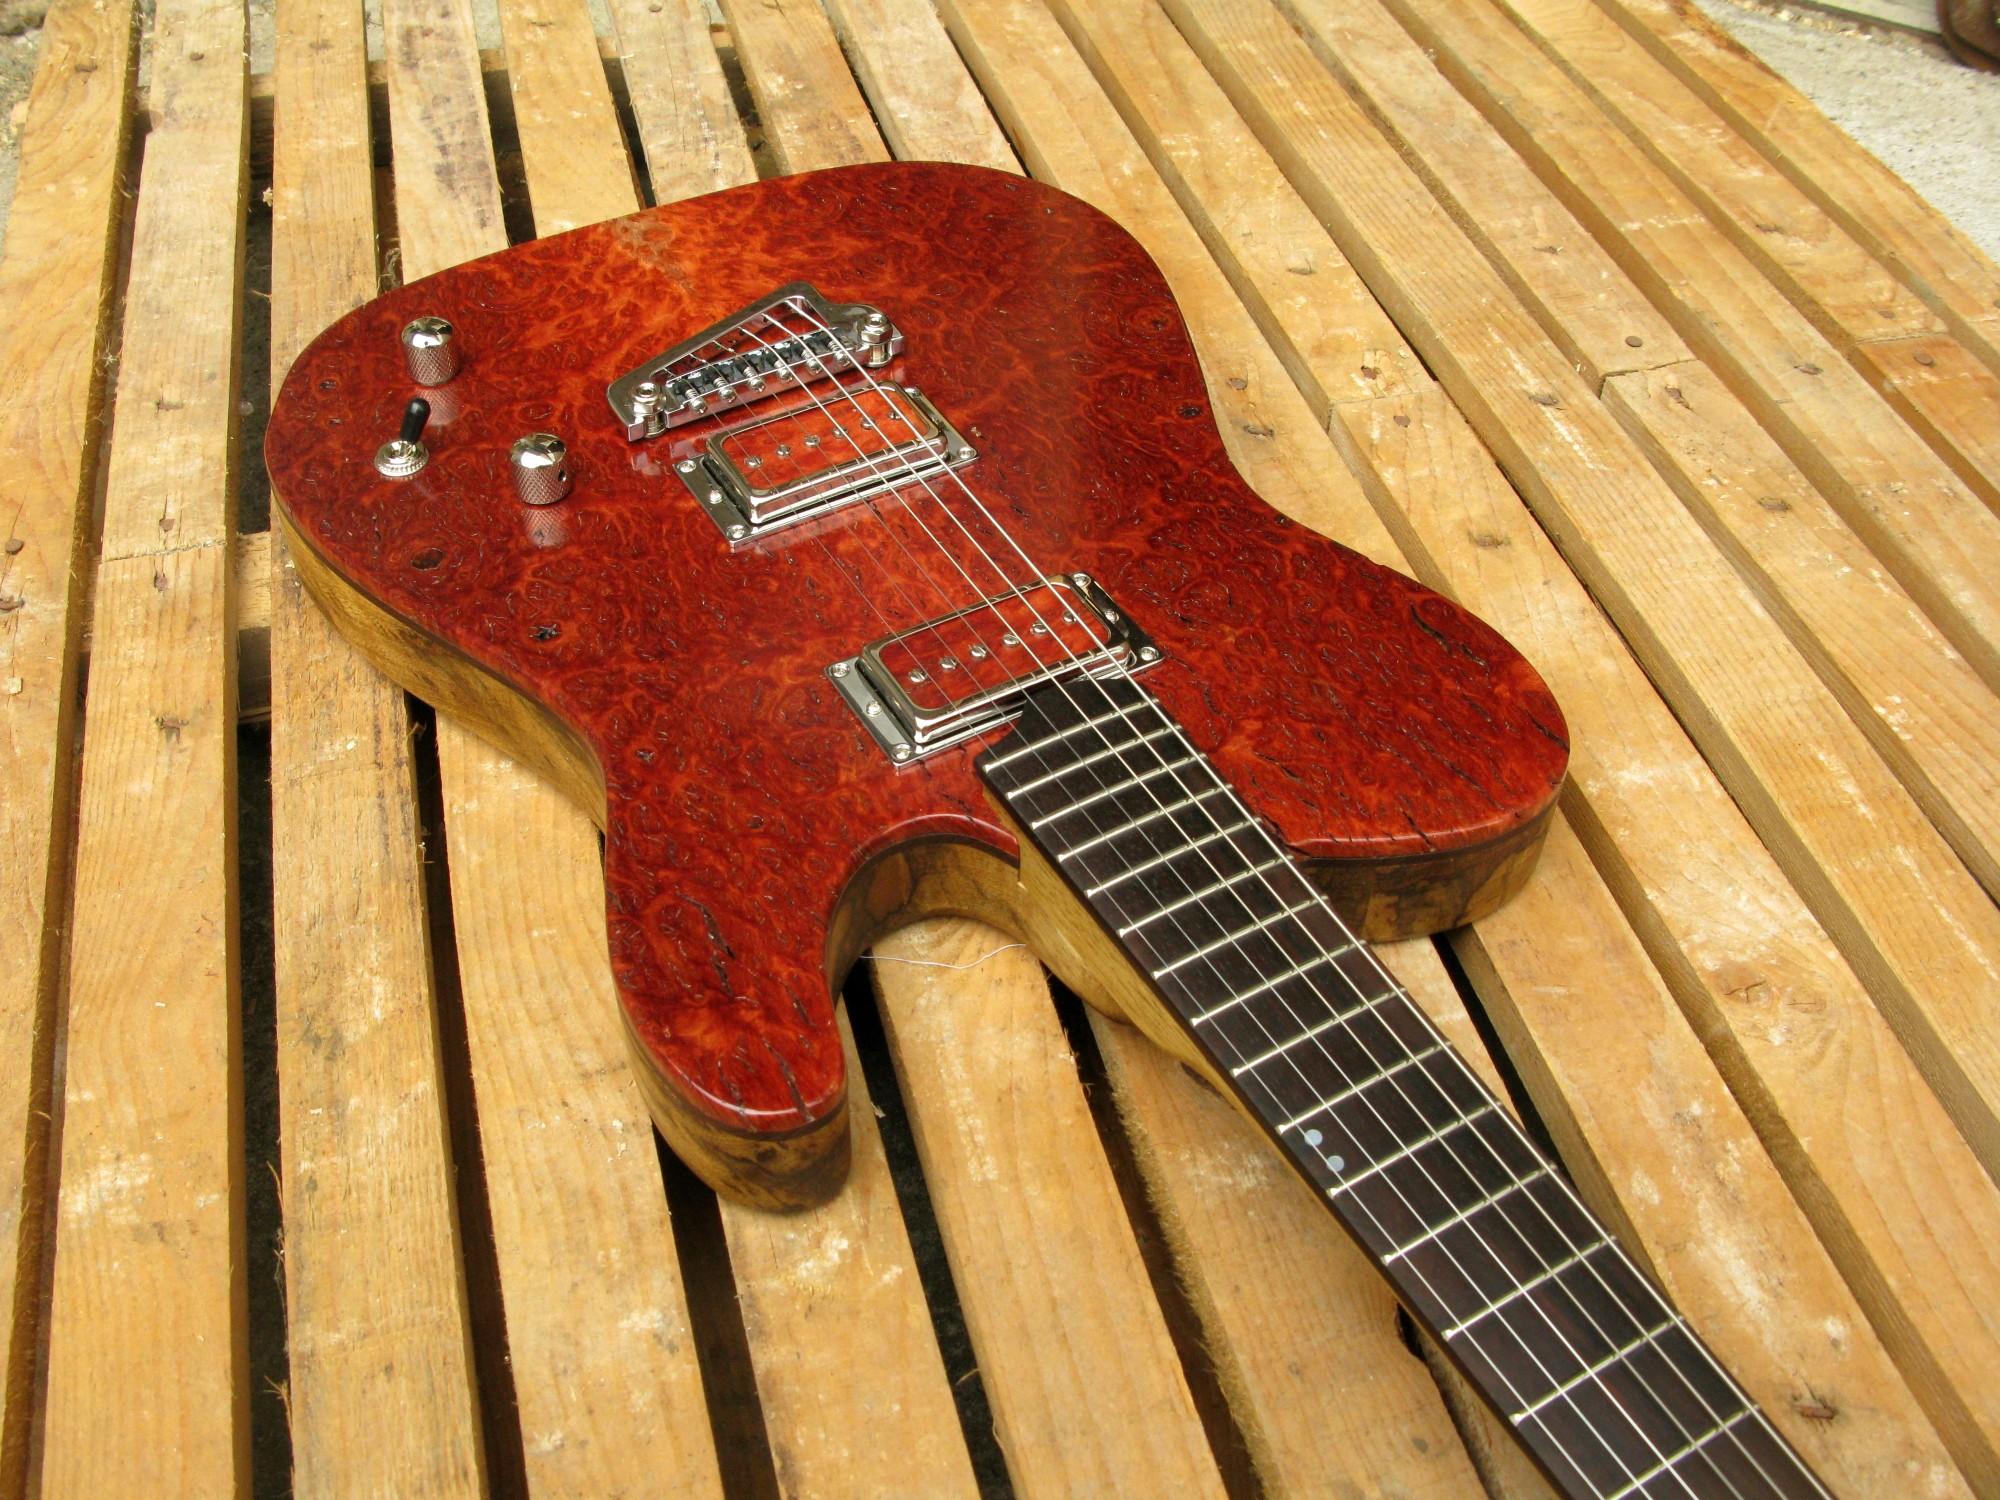 Body di una chitarra Telecaster top burl red